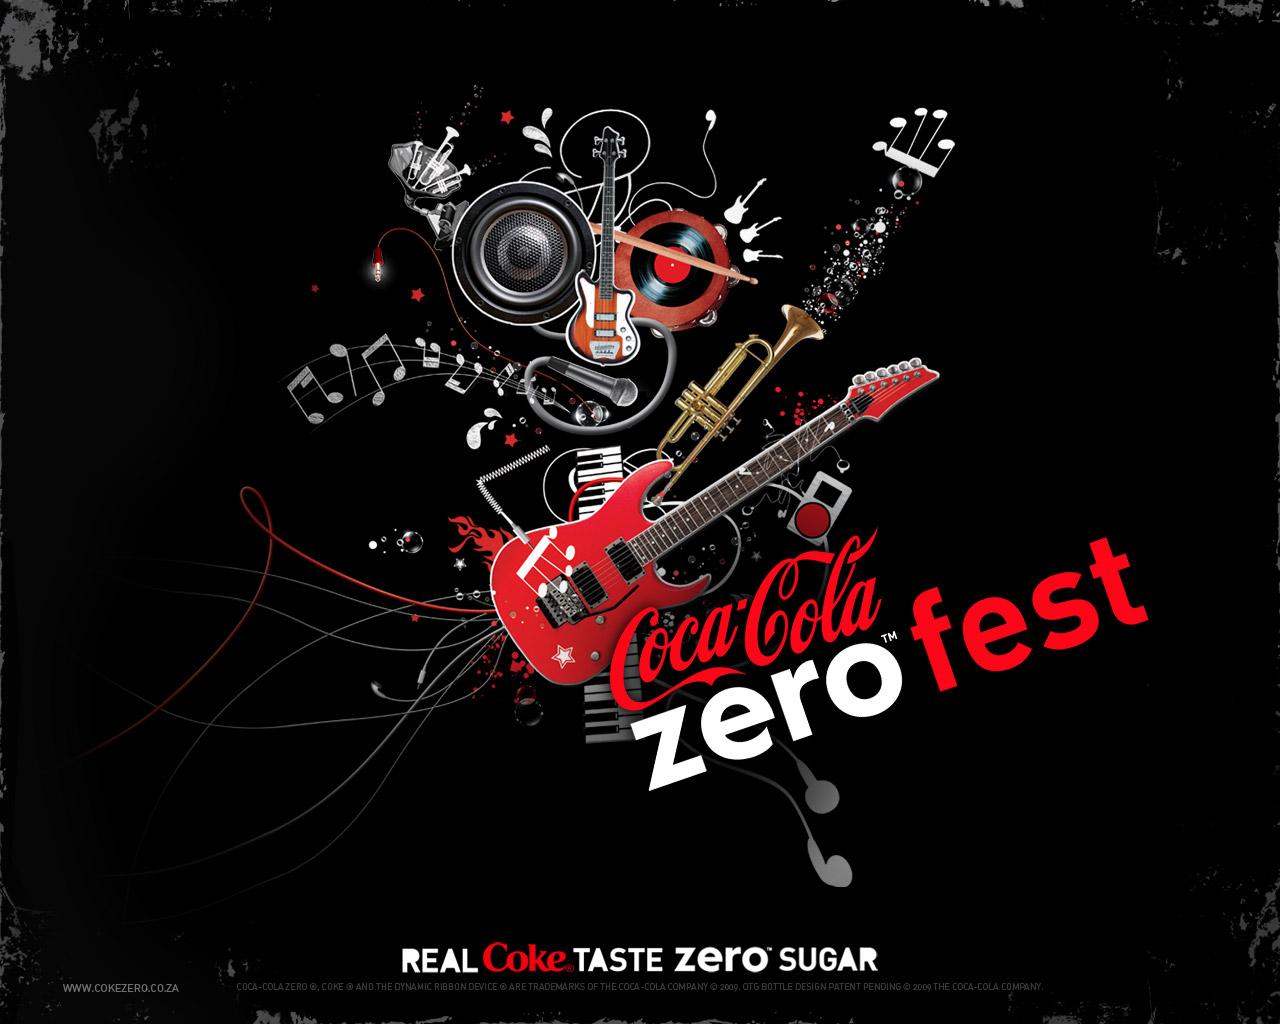 http://4.bp.blogspot.com/_l3ONQ9j8xYQ/SaY0i6JQjII/AAAAAAAAAAo/bpQhcO7i4Xg/S1600-R/CocaCola%2BZero%2BFest%2B2009%2Bcoke%2Bfest%2B1280.jpg